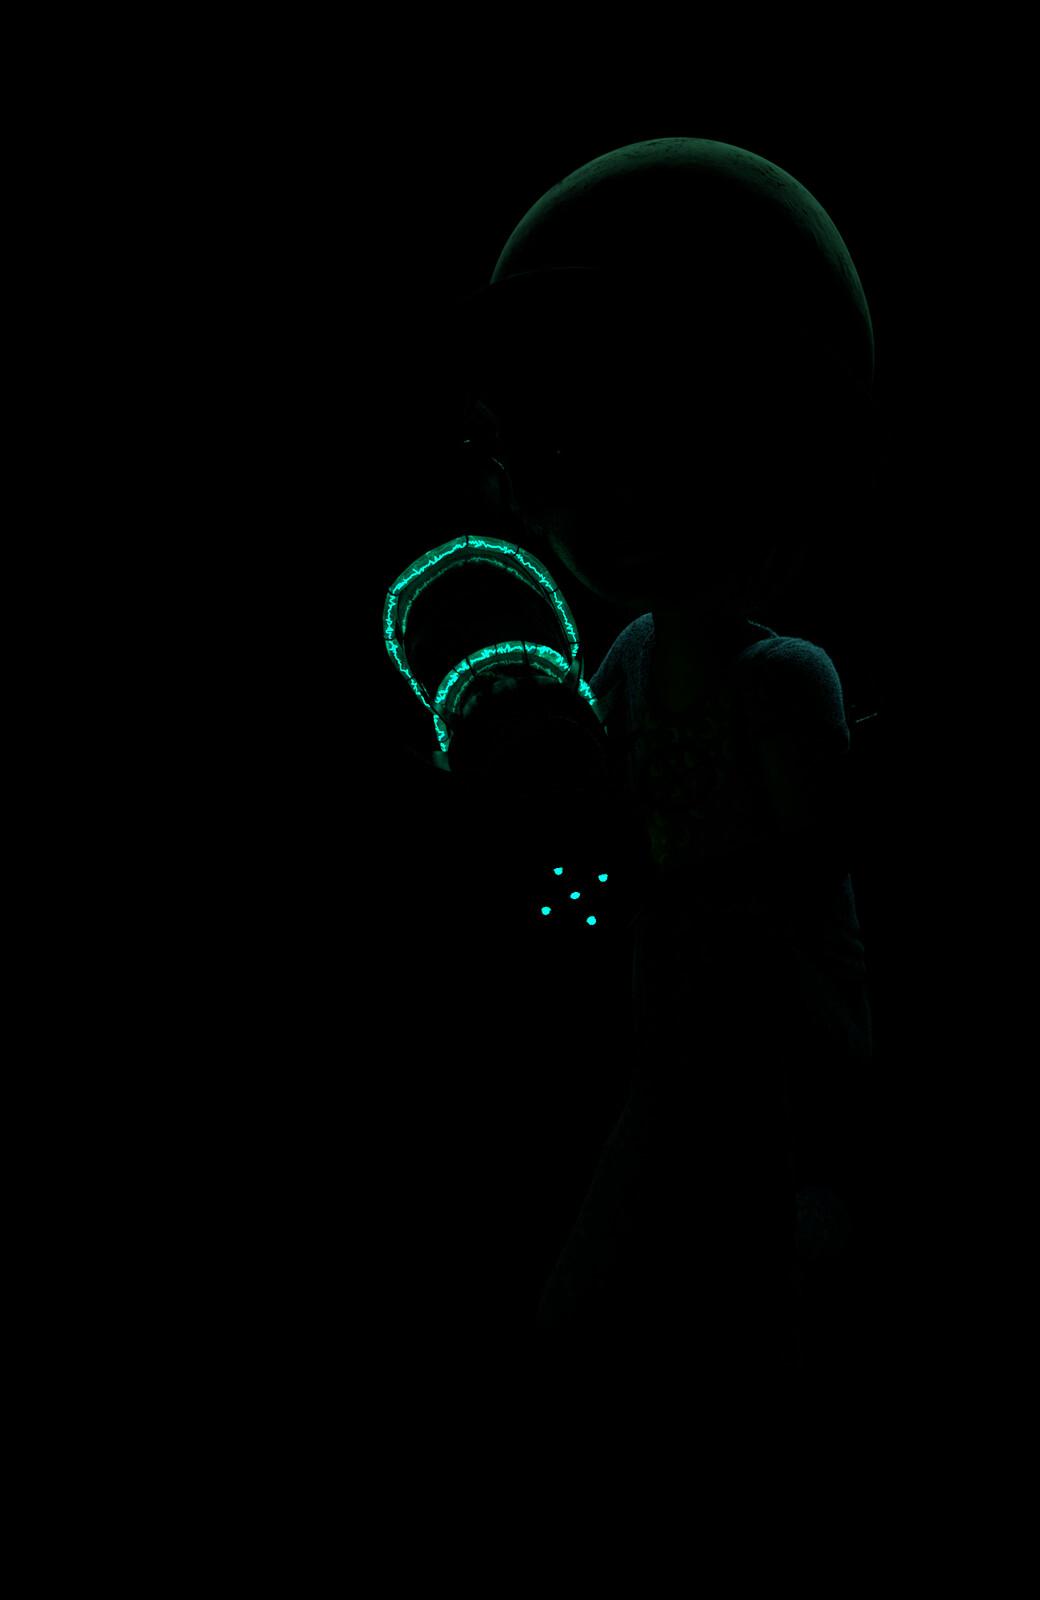 lighting breakdown